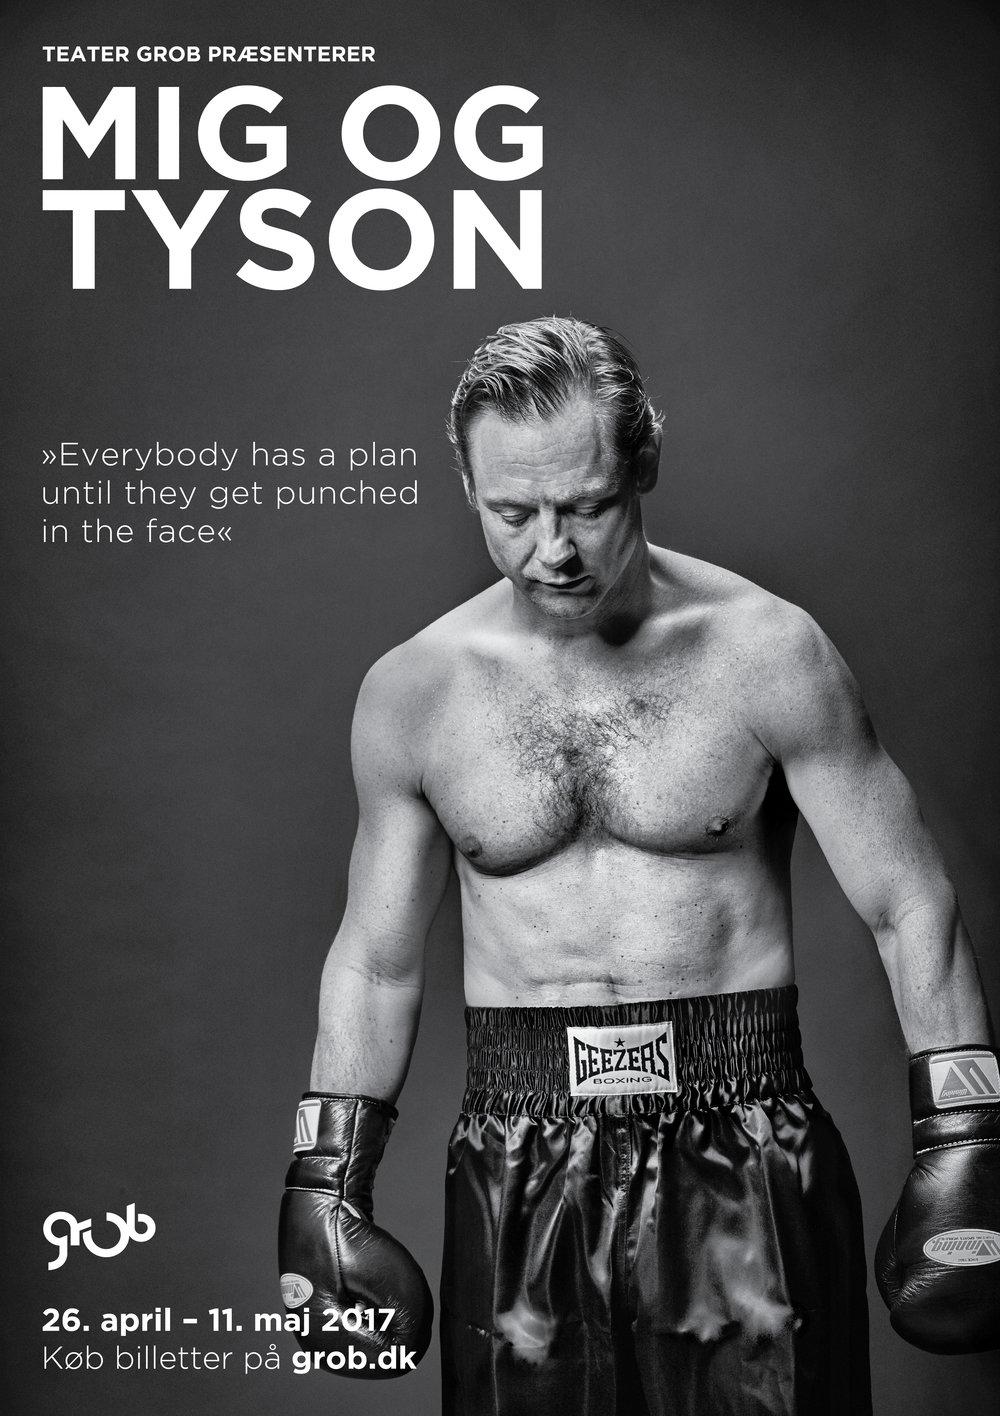 Plakat til Mig og Tyson 2017